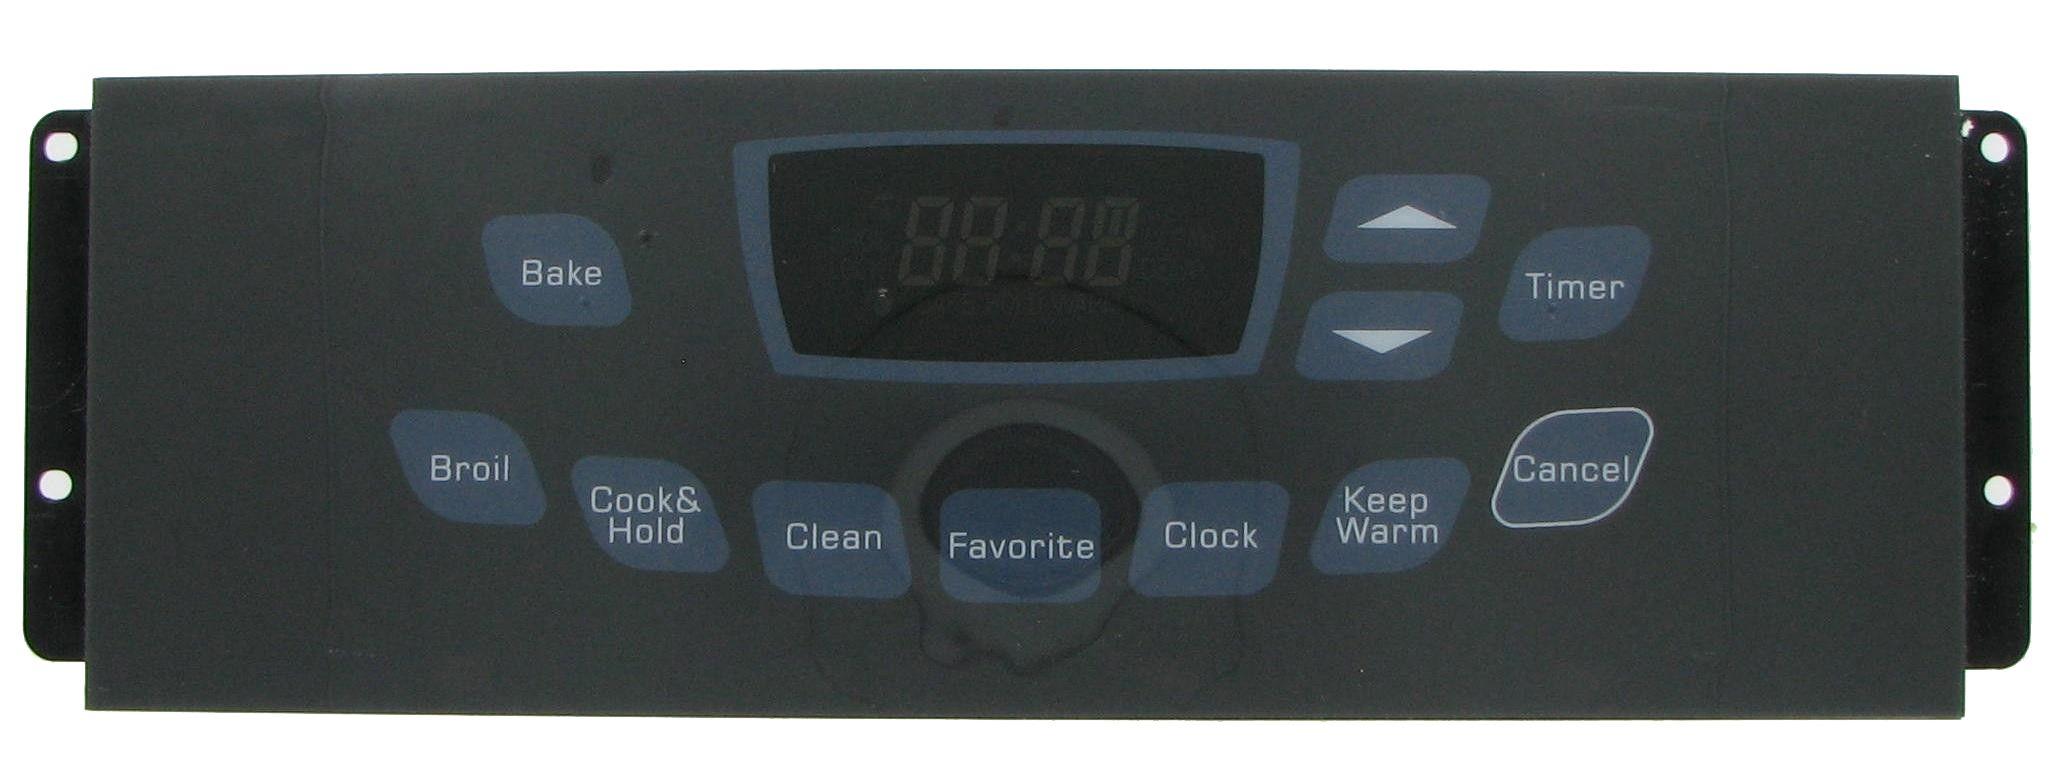 Whirlpool 5701M75960 Range Electronic Control Board